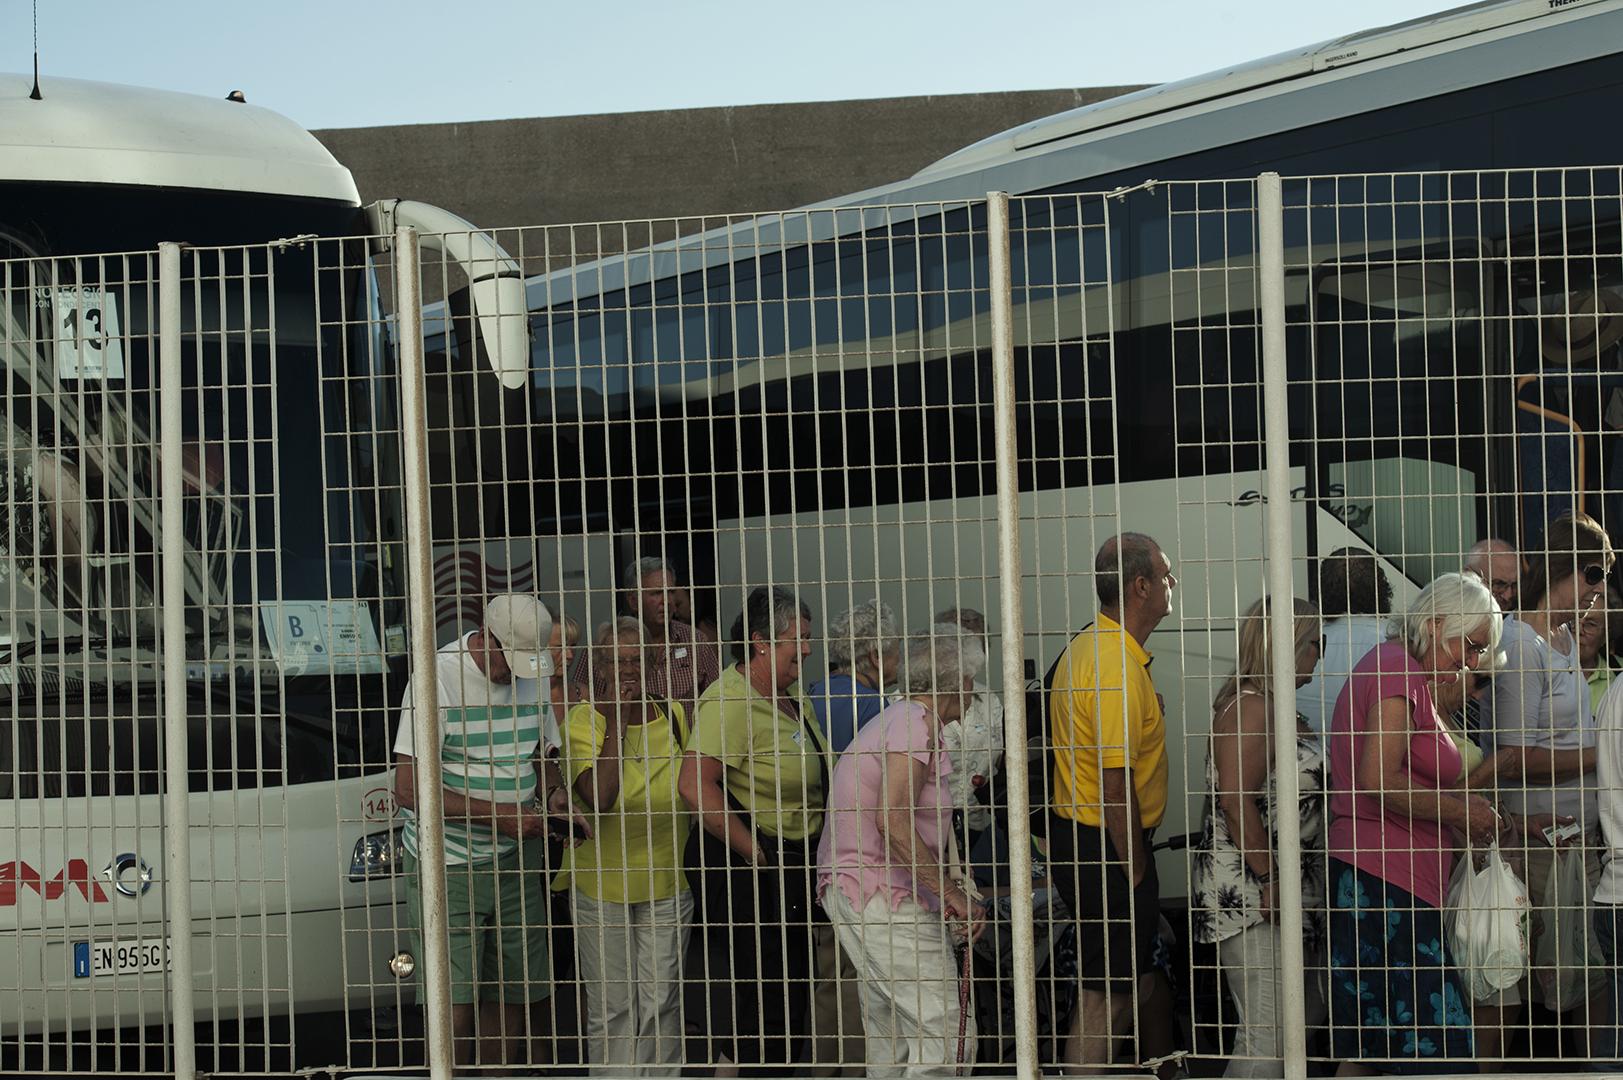 Gruppo di turisti di ritorno dalla visita alla Città Eterna. Il Porto di Civitavecchia è il primo scalo crocieristico del Mediterraneo, con oltre due milioni e mezzo di passeggeri l'anno. Pochi di questi si fermano in città . Di contro si verifica spesso un vero e proprio assalto a pullman e treni per visitare Roma o la vicina Toscana. Civitavecchia, 2014. (Patrizia Pace)